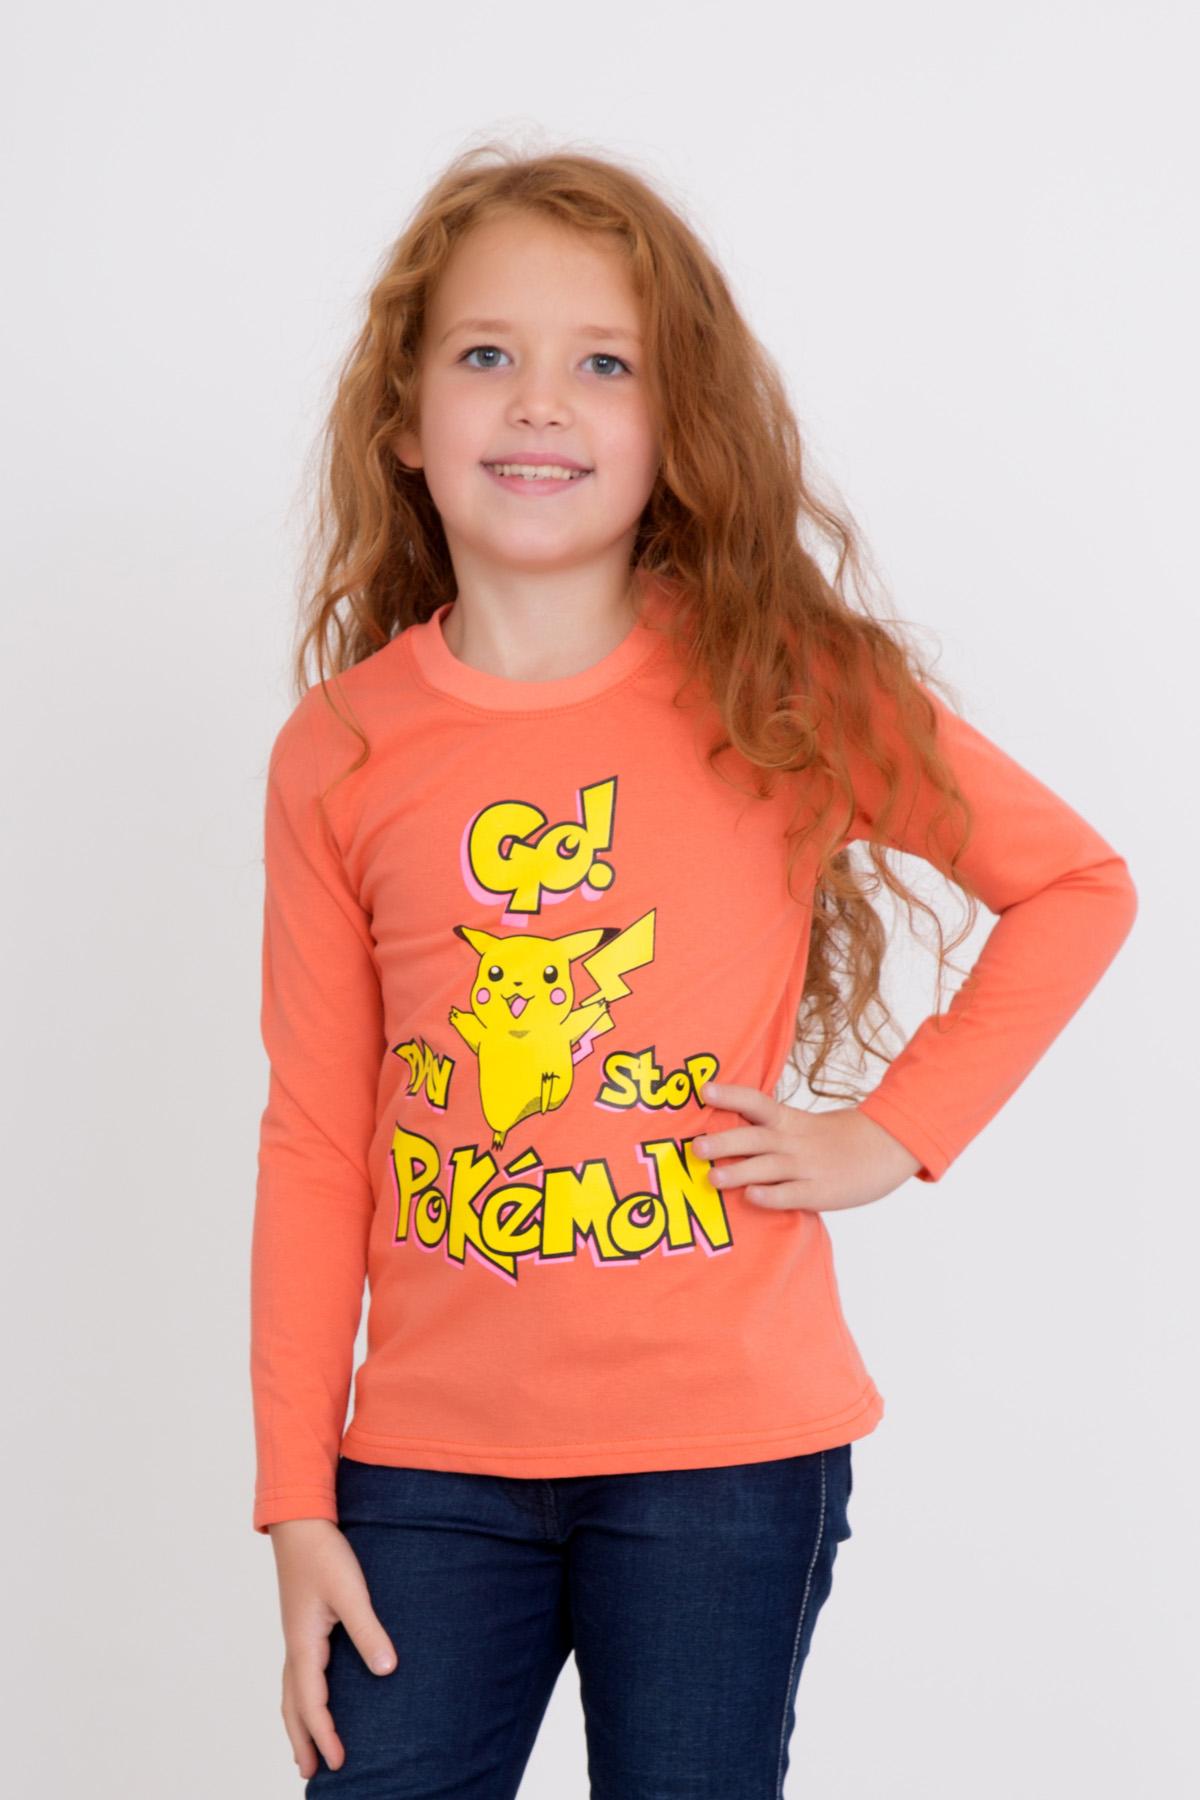 Дет. футболка Покемон Оранжевый р. 28Джемпера и толстовки<br><br><br>Тип: Дет. футболка<br>Размер: 28<br>Материал: Кулирка